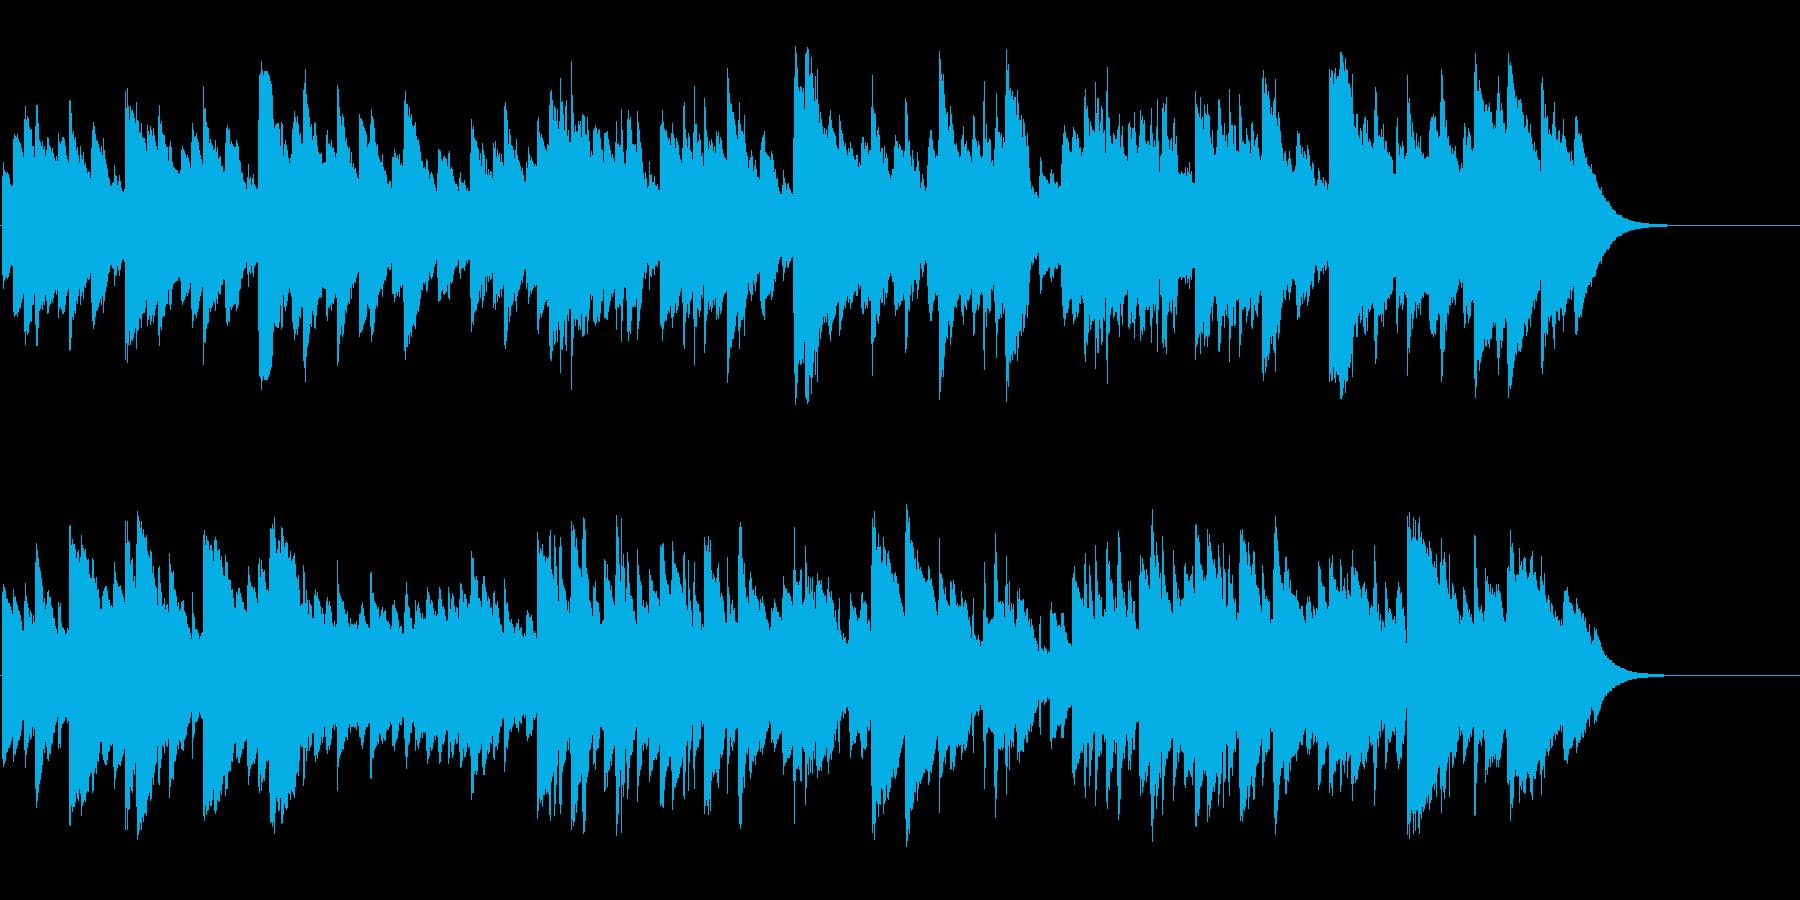 温かい思い出に浸るヒーリング曲の再生済みの波形